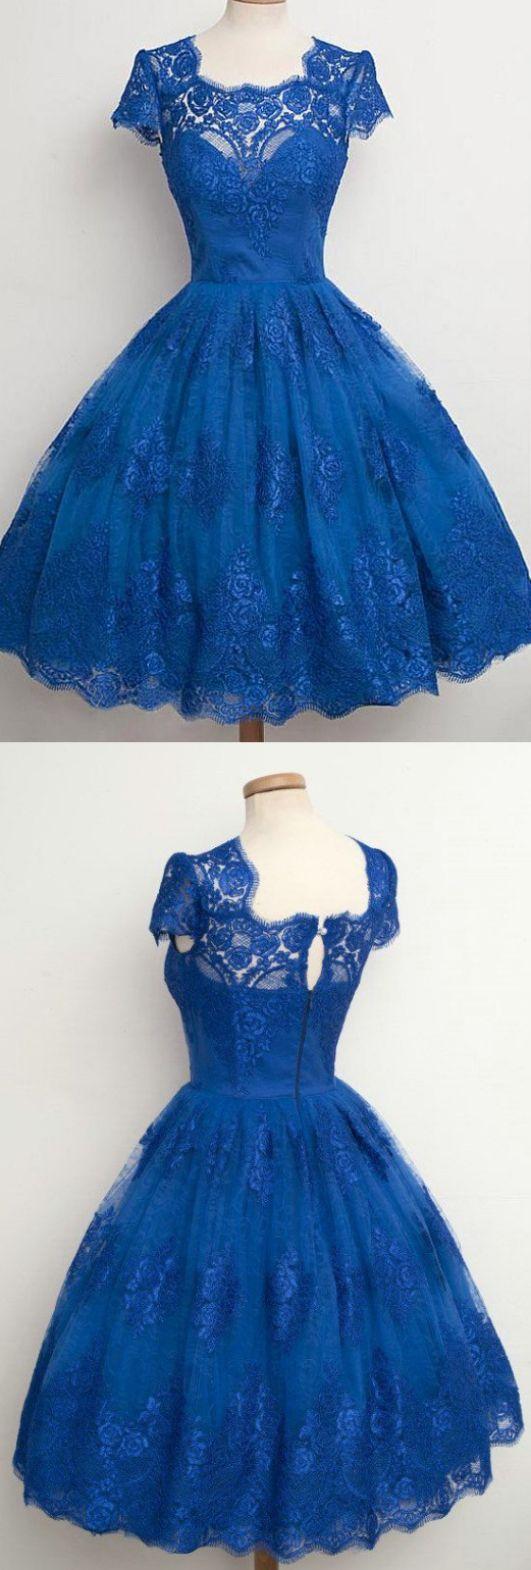 como elegir el vestido para las damas (4)